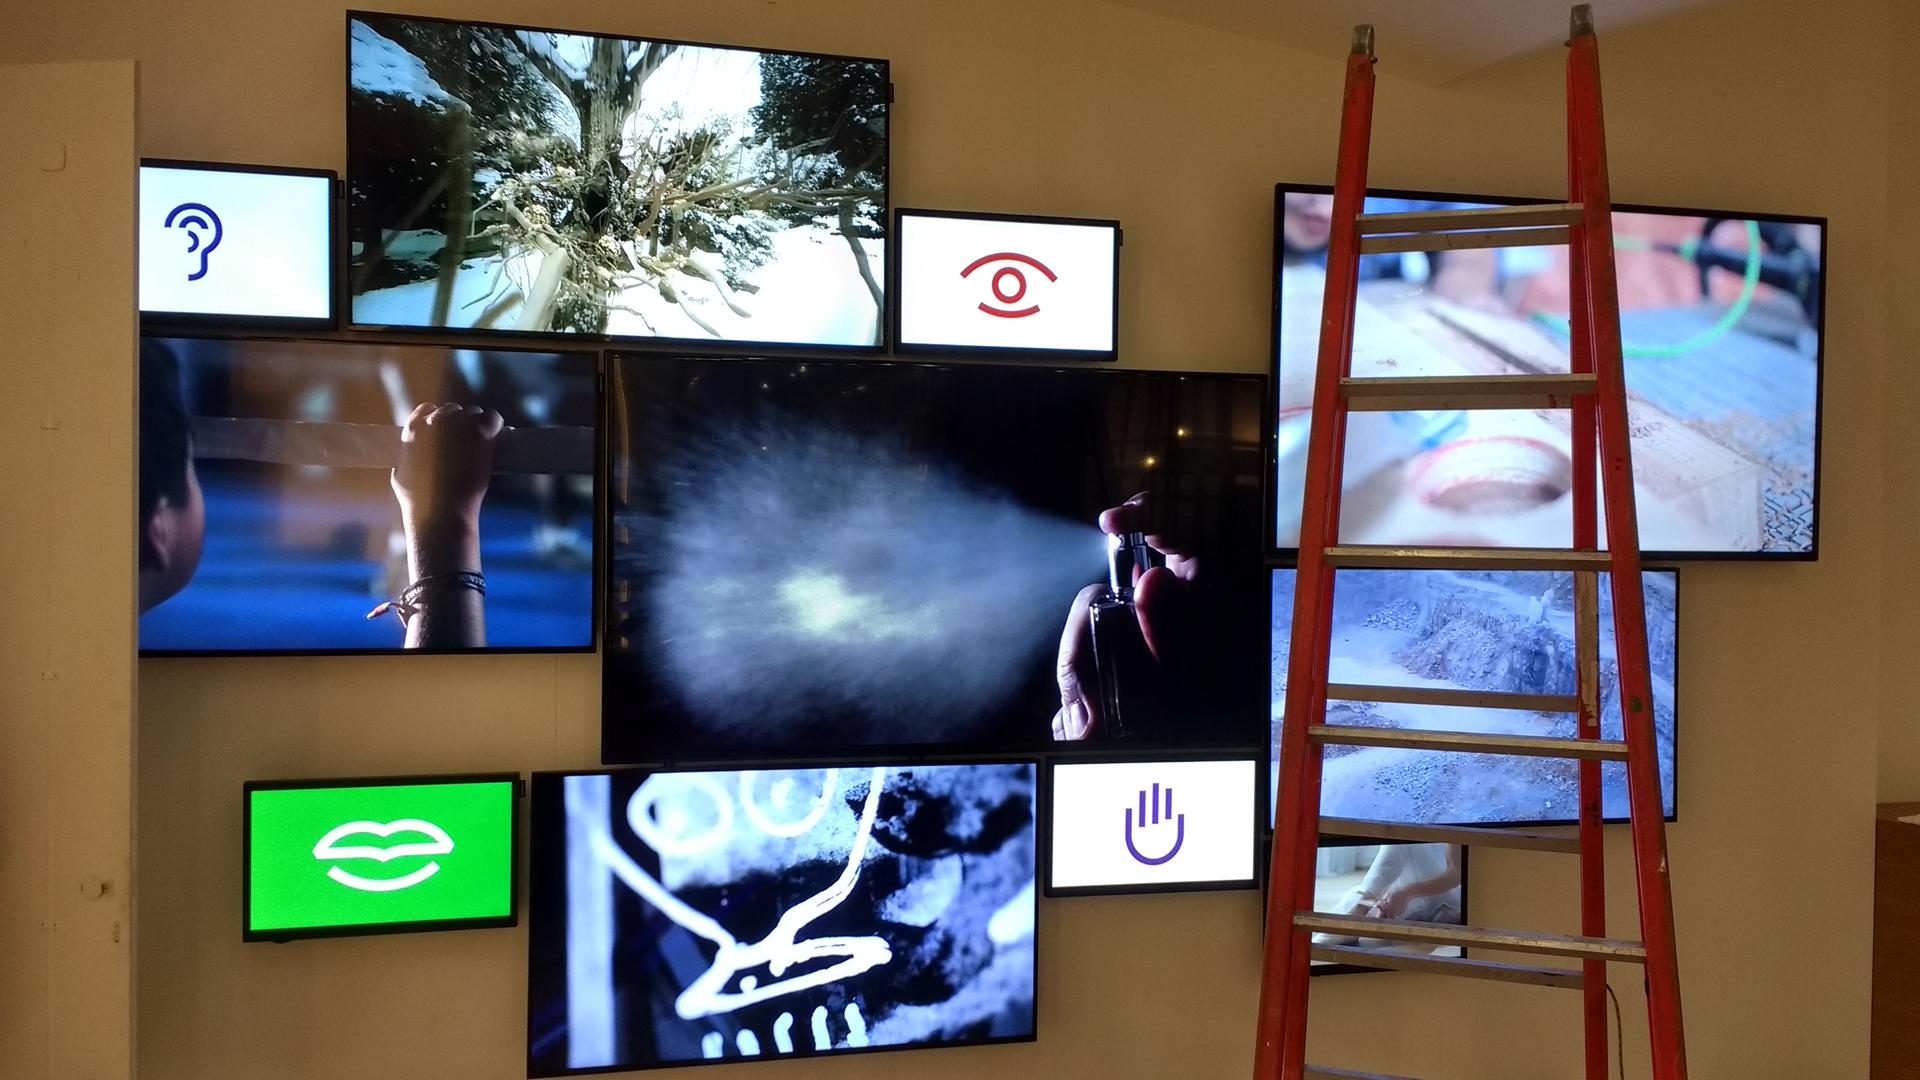 Tosilab Cersaie-installazione multi monitor-lorri